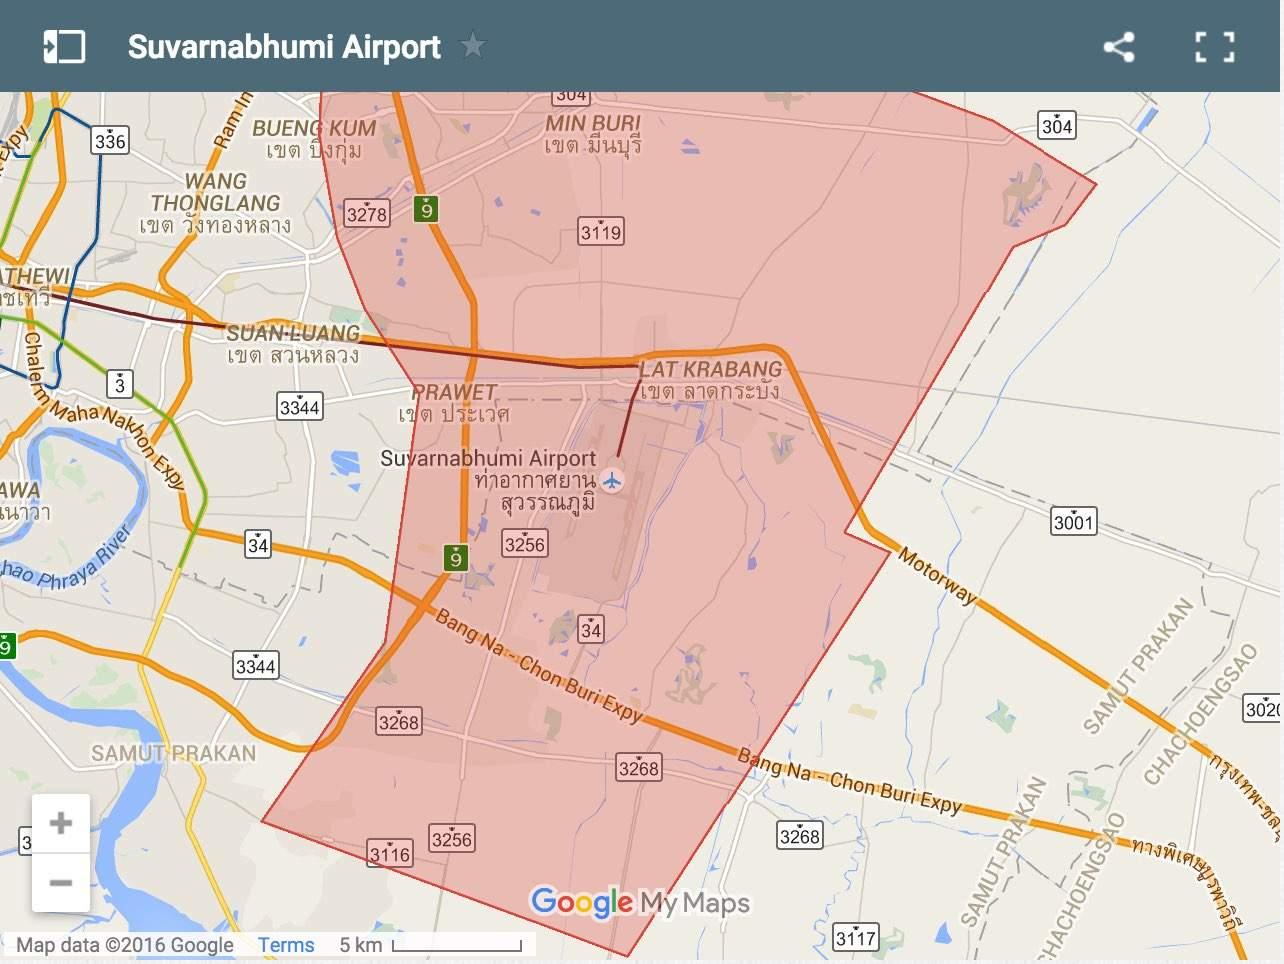 Suvarnabhumi-Airport map